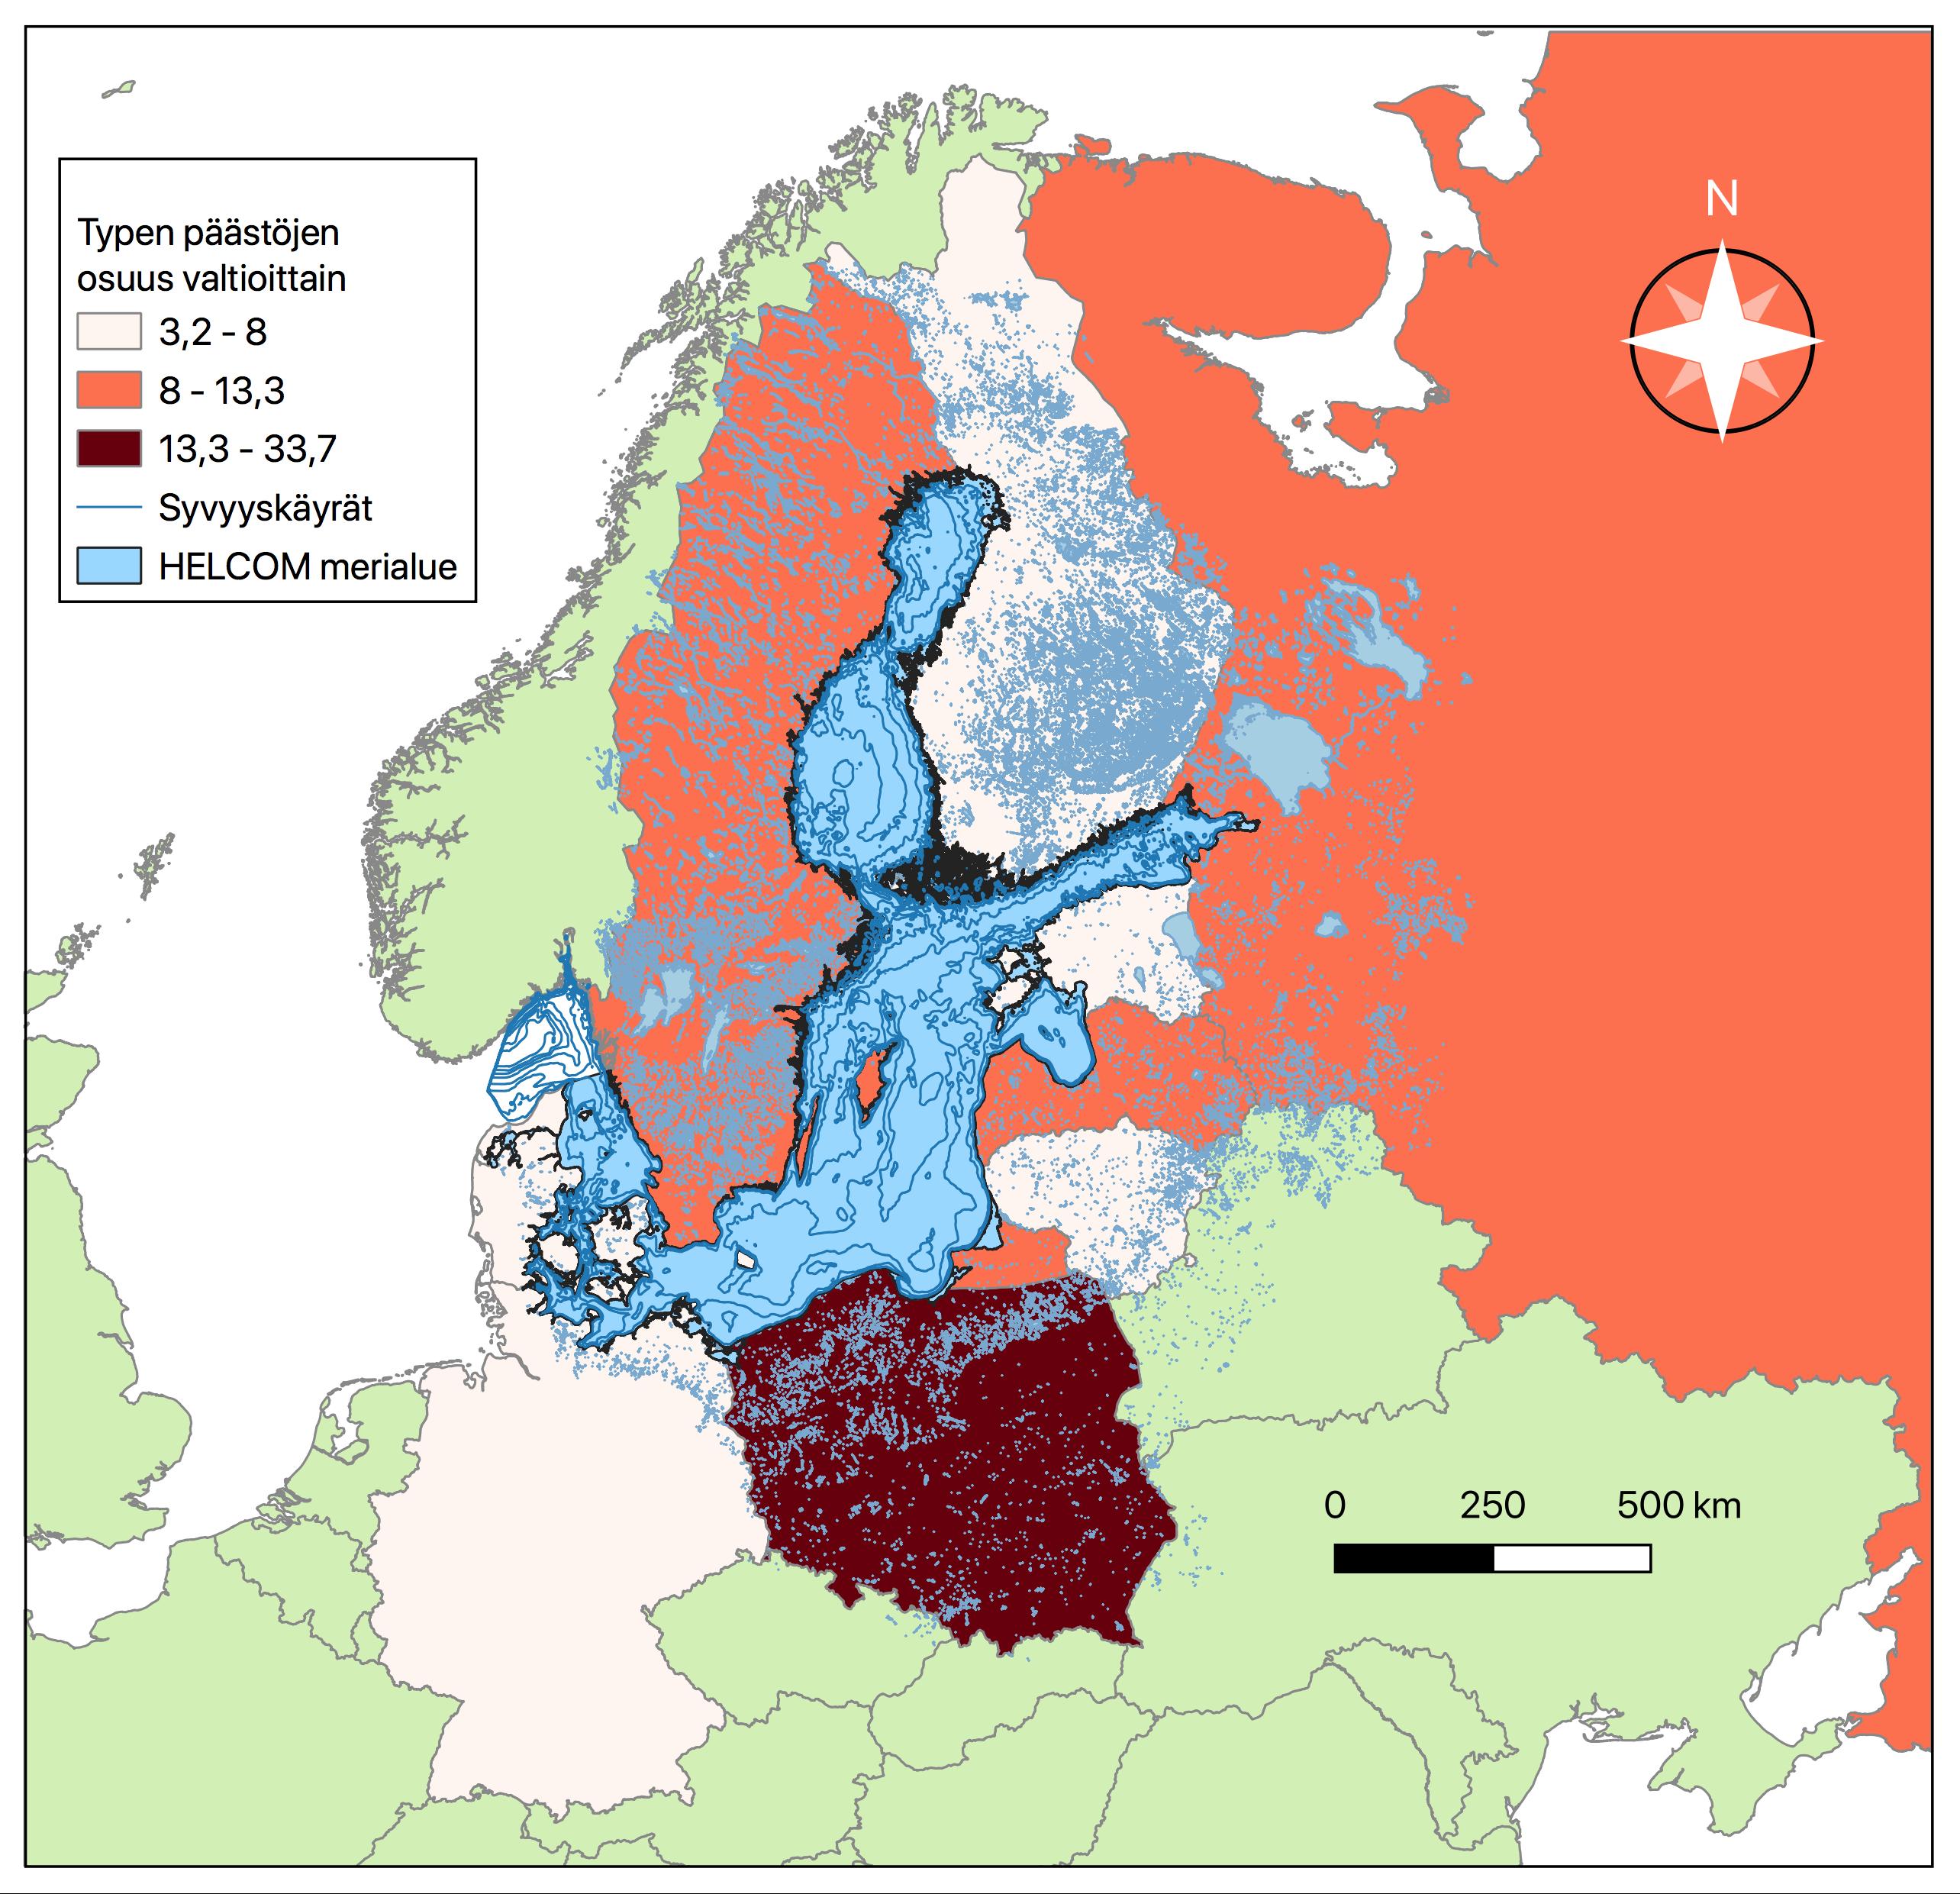 Pohjois-Euroopan kartta joka on keskittynyt Itämeren ympärysvaltioihin. Typen päästöjen osuudet valtioittain on luokiteltu asteikoilla vaaleanpunainen 3,2-8, punainen 8-13,3 ja tummanpunainen 13,3-33,7. Vaaleanpunaisina eli typpipäästöiltään pieniosaisimpina valtioina on väritetty Saksa, Tanska, Liettua, Viro ja Suomi. Punaisella eli keskisuurilla päästöillä on väritetty Ruotsi, Latvia ja Venäjä. Ainoana suuripäästöisenä maana tummanpunaisena on värjätty Puola. Loput kartassa näkyvät Euroopan maat ovat taustakarttana ja väriltään vaalean vihreitä, sillä ne eivät ole osana typpipäästötilastoja.